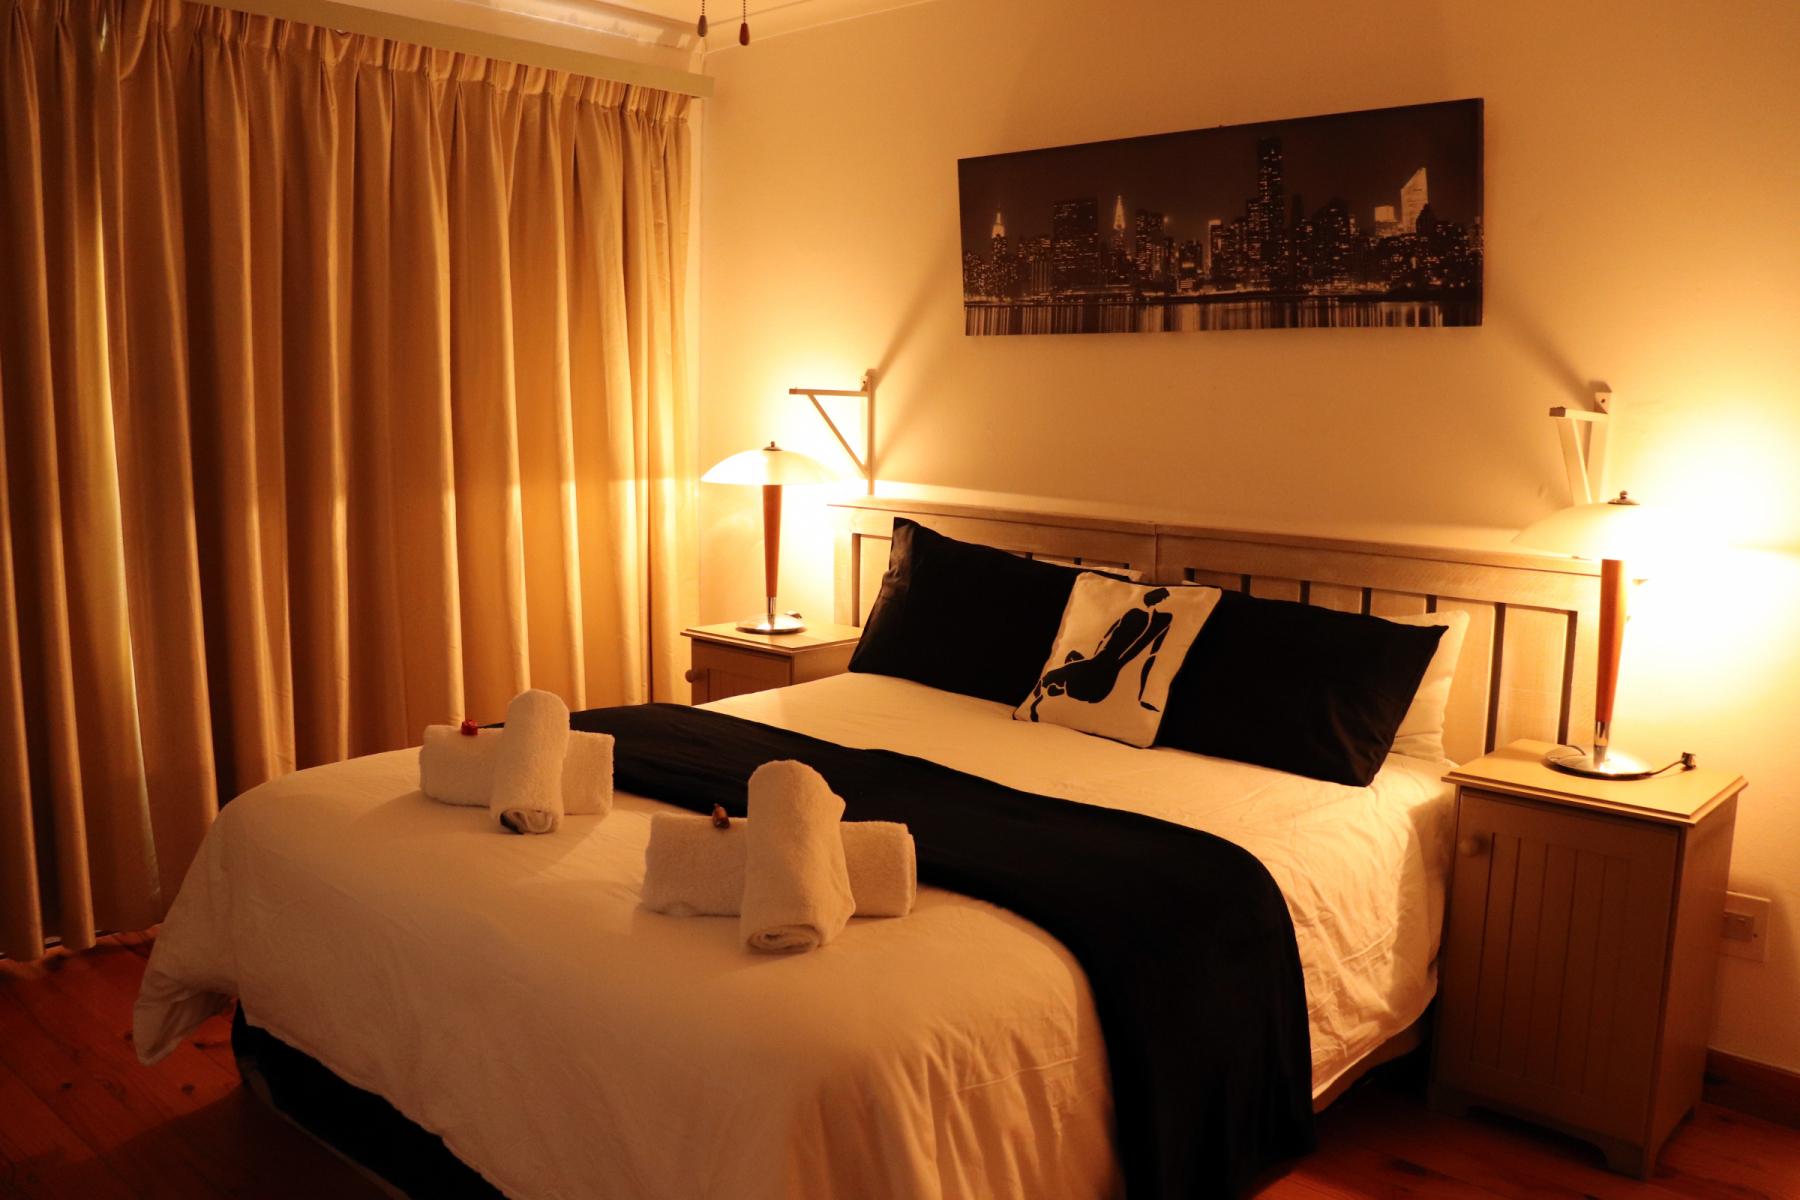 Room-203-01